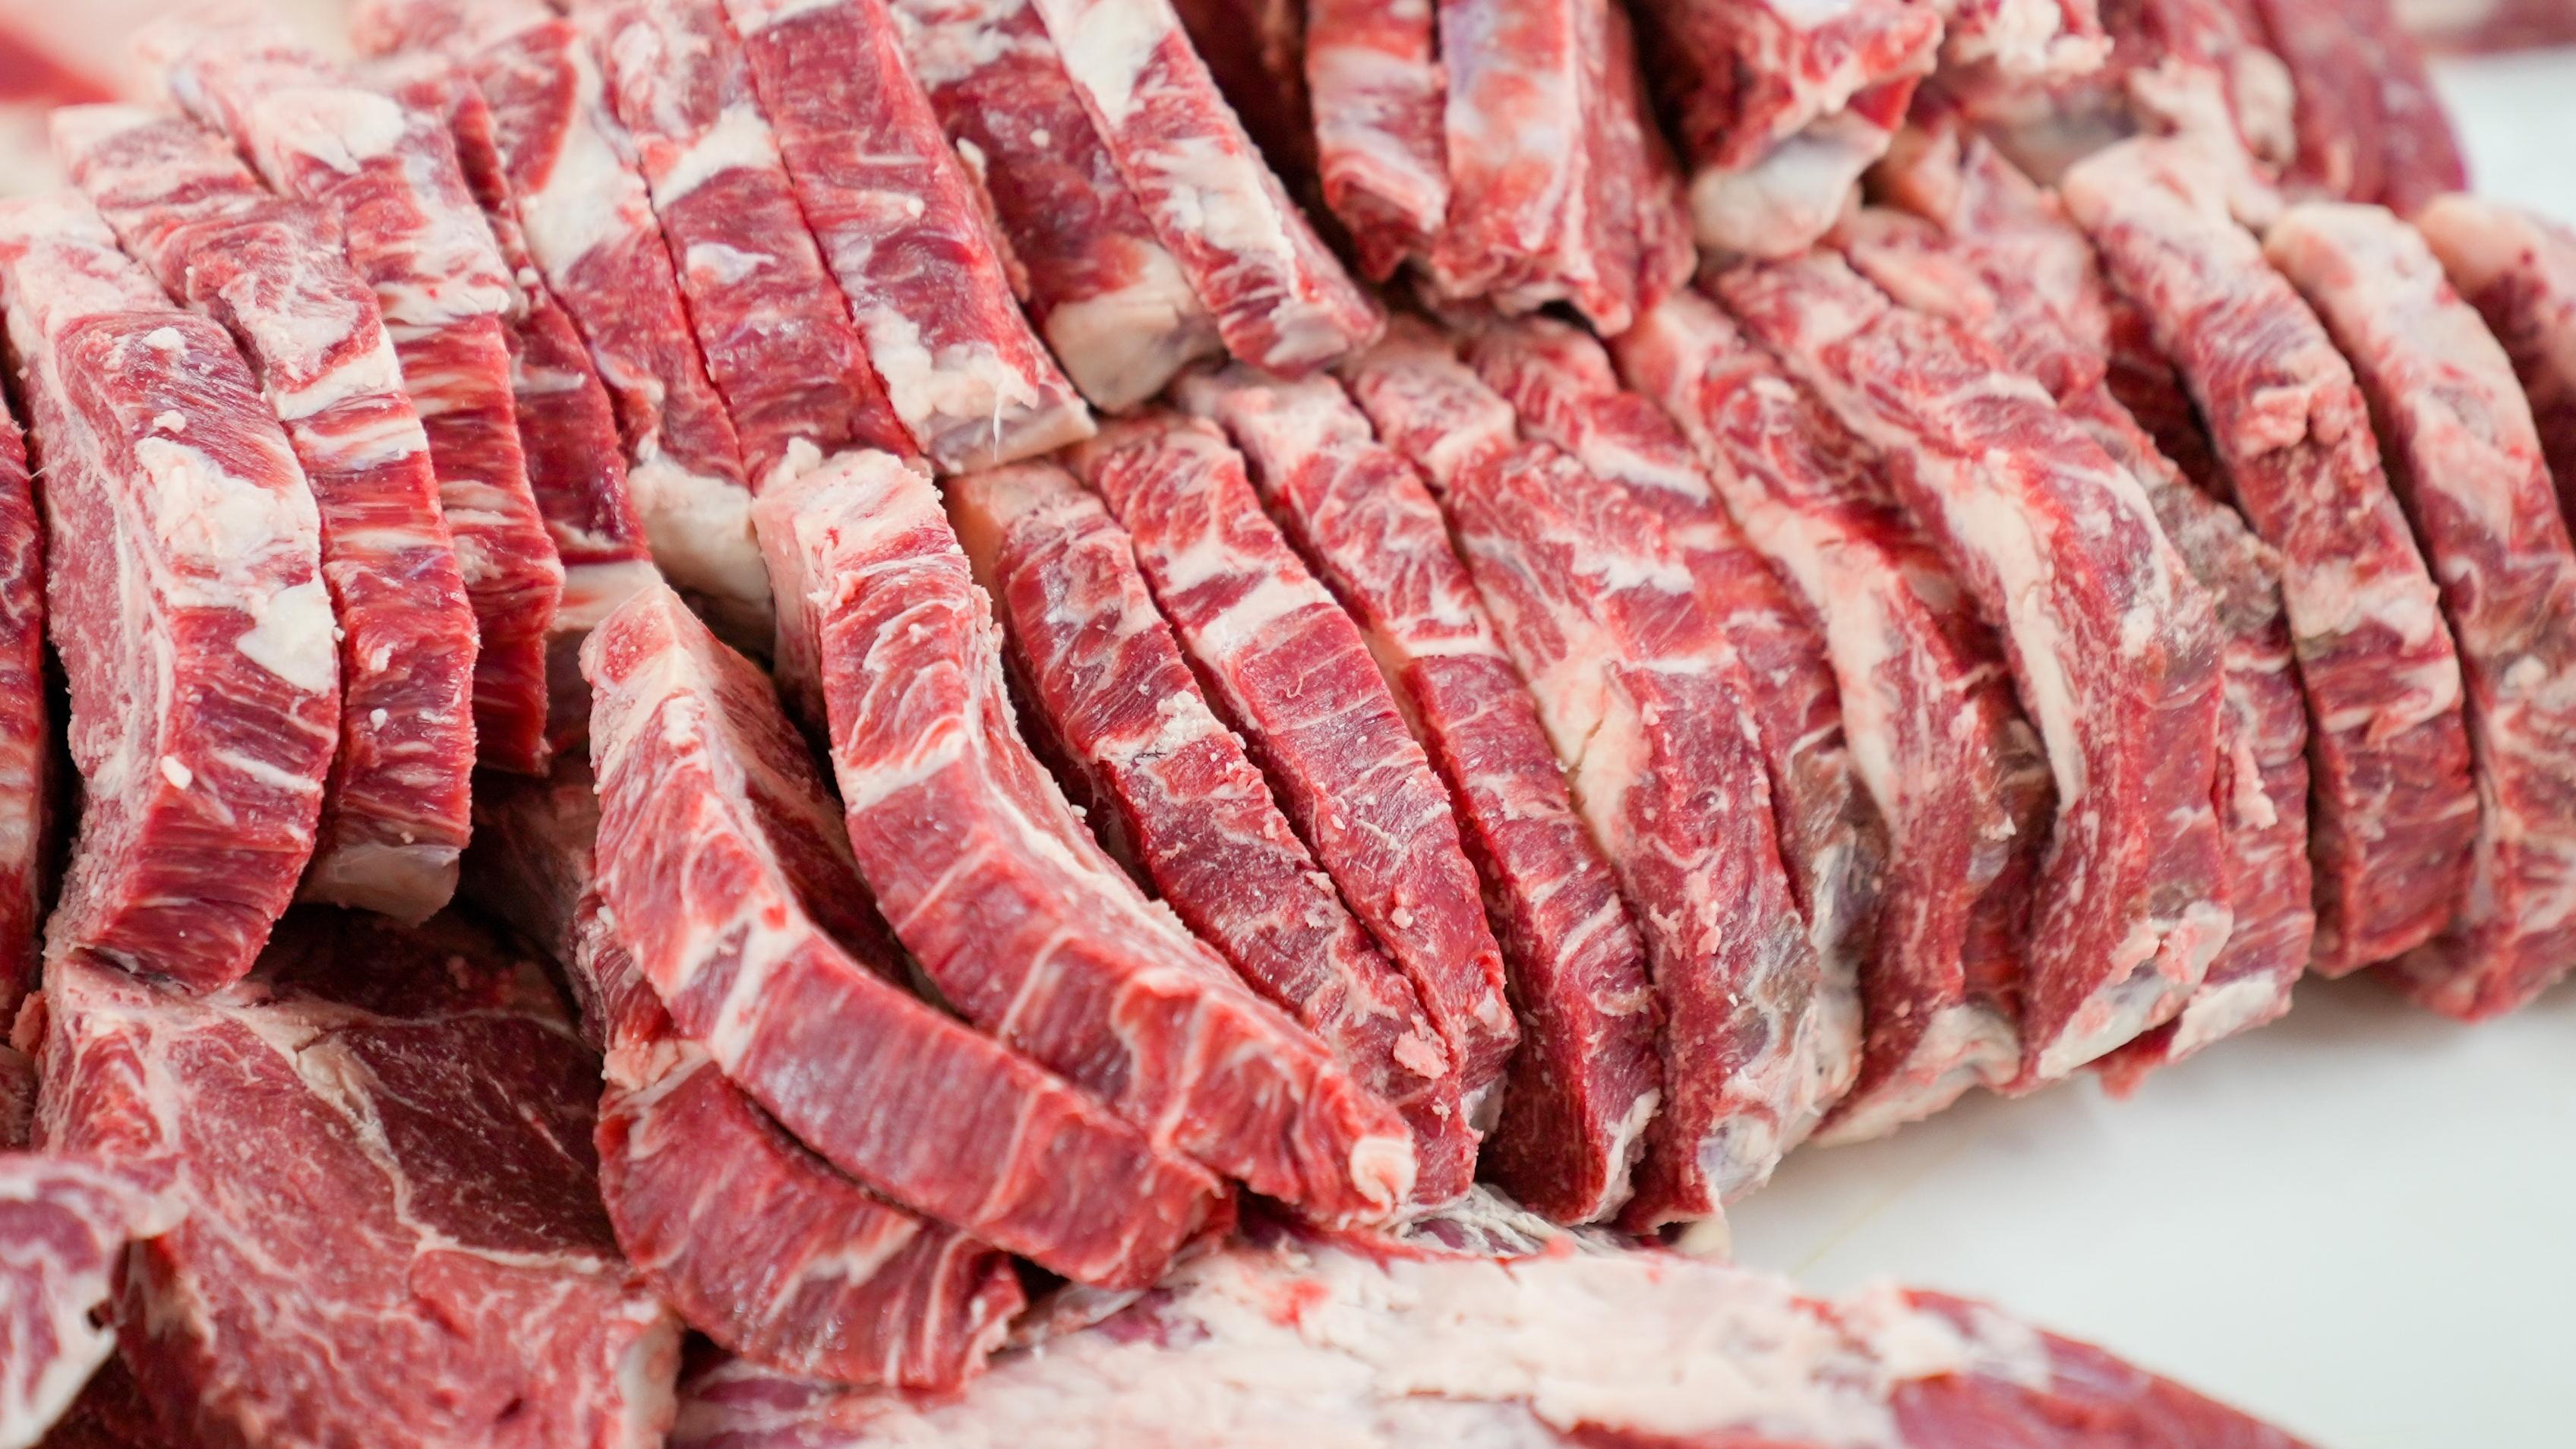 Verdorbenes Fleisch gegessen - so reagieren Sie richtig